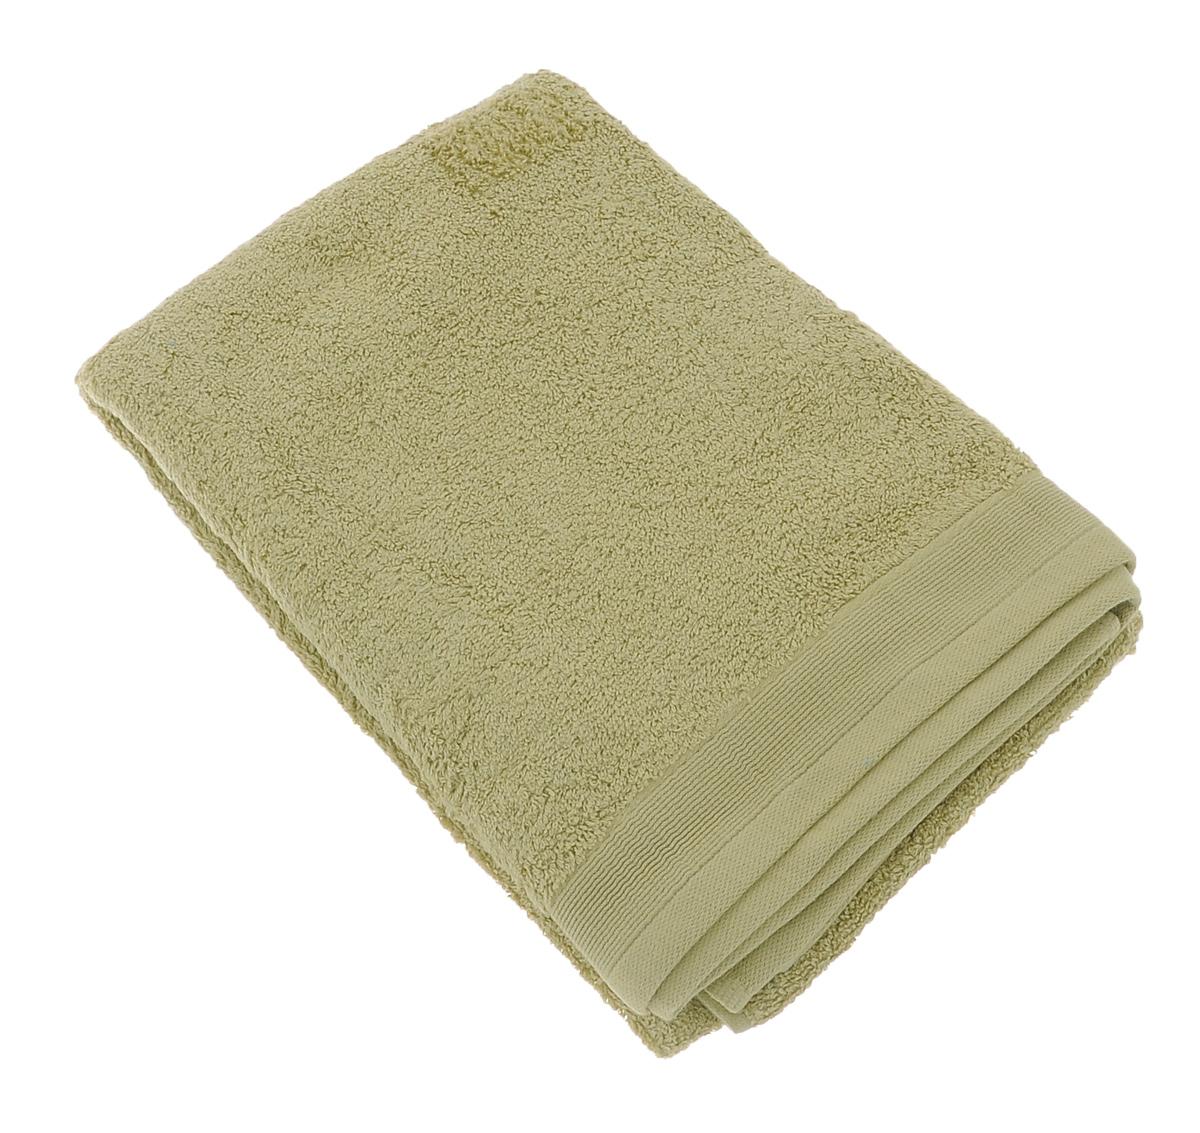 Полотенце махровое Guten Morgen, цвет: фисташковый, 70 см х 140 см531-105Махровое полотенце Guten Morgen, изготовленное из натурального хлопка, прекрасно впитывает влагу и быстро сохнет. Высокая плотность ткани делает полотенце мягкими, прочными и пушистыми. При соблюдении рекомендаций по уходу изделие сохраняет яркость цвета и не теряет форму даже после многократных стирок. Махровое полотенце Guten Morgen станет достойным выбором для вас и приятным подарком для ваших близких. Мягкость и высокое качество материала, из которого изготовлено полотенце, не оставит вас равнодушными.